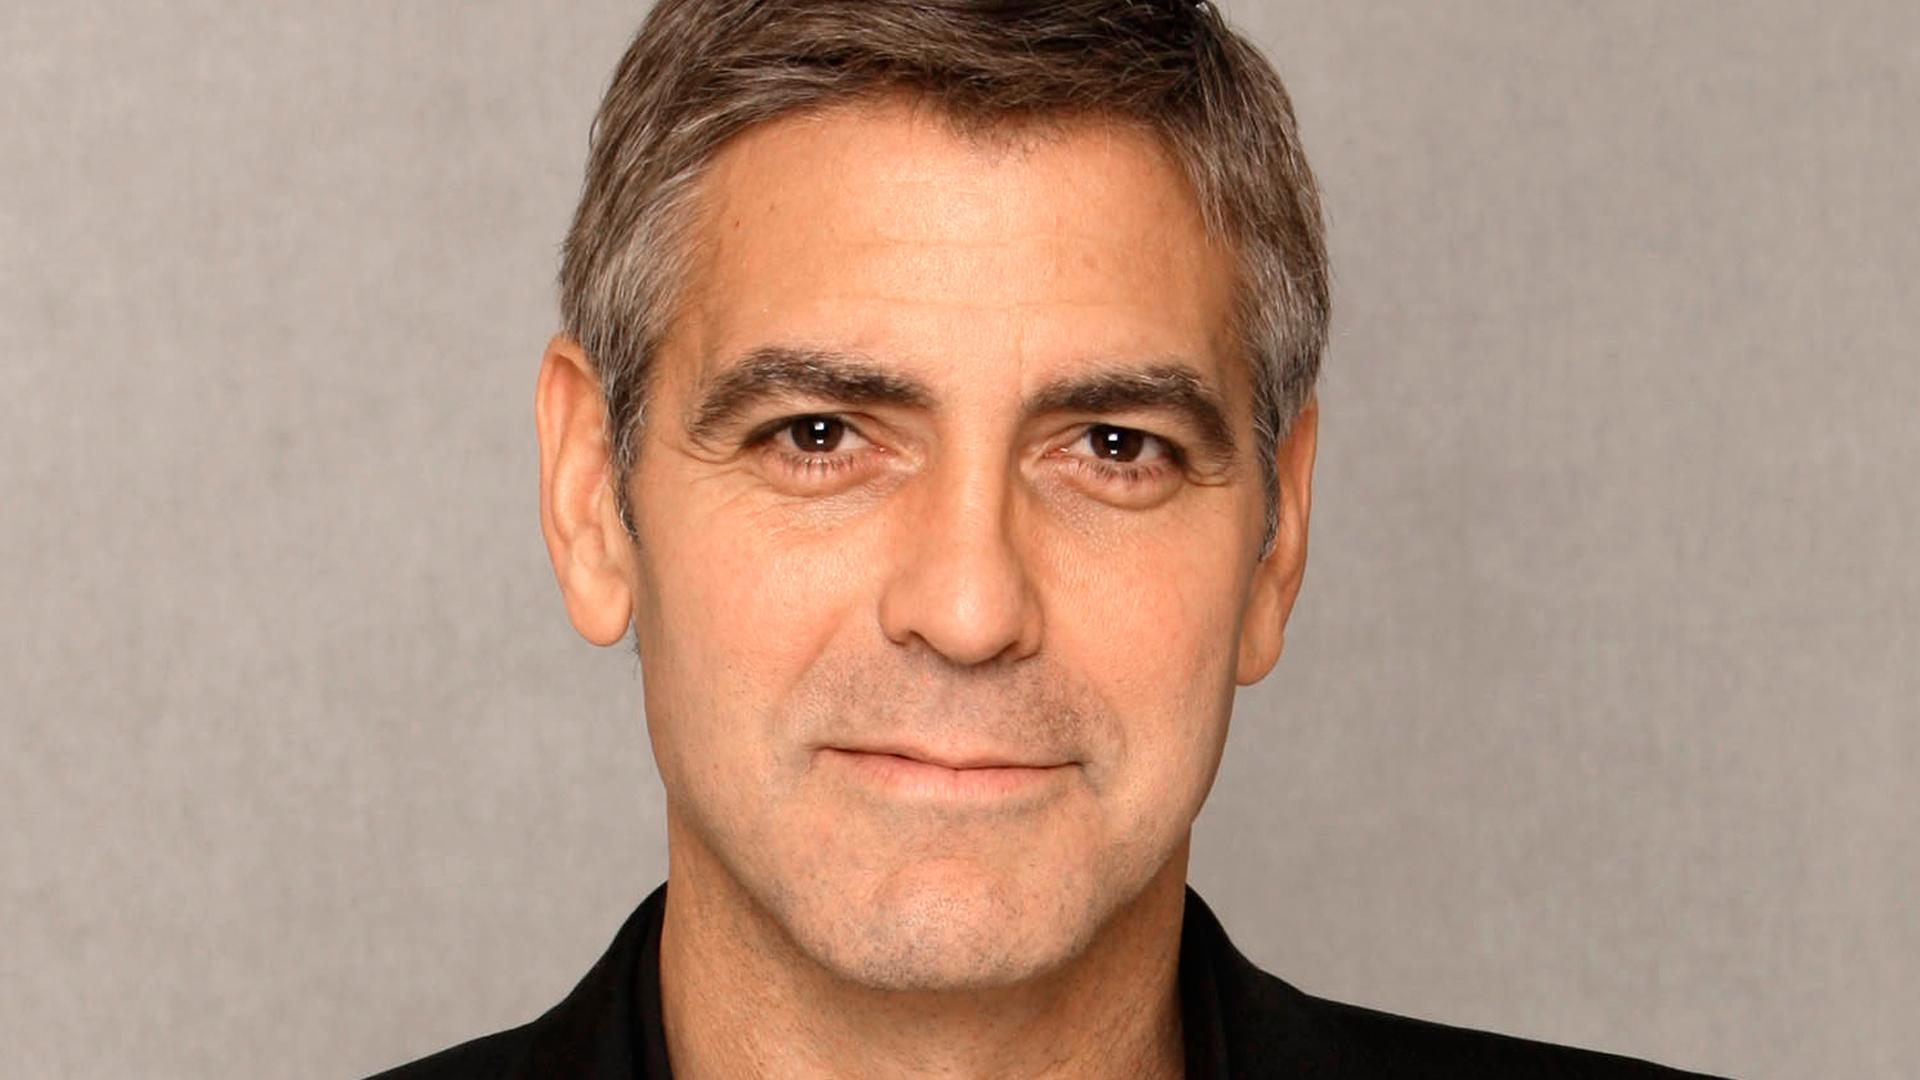 Os nossos favoritos com o George Clooney - Os-nossos-favoritos-com-o-George-Clooney